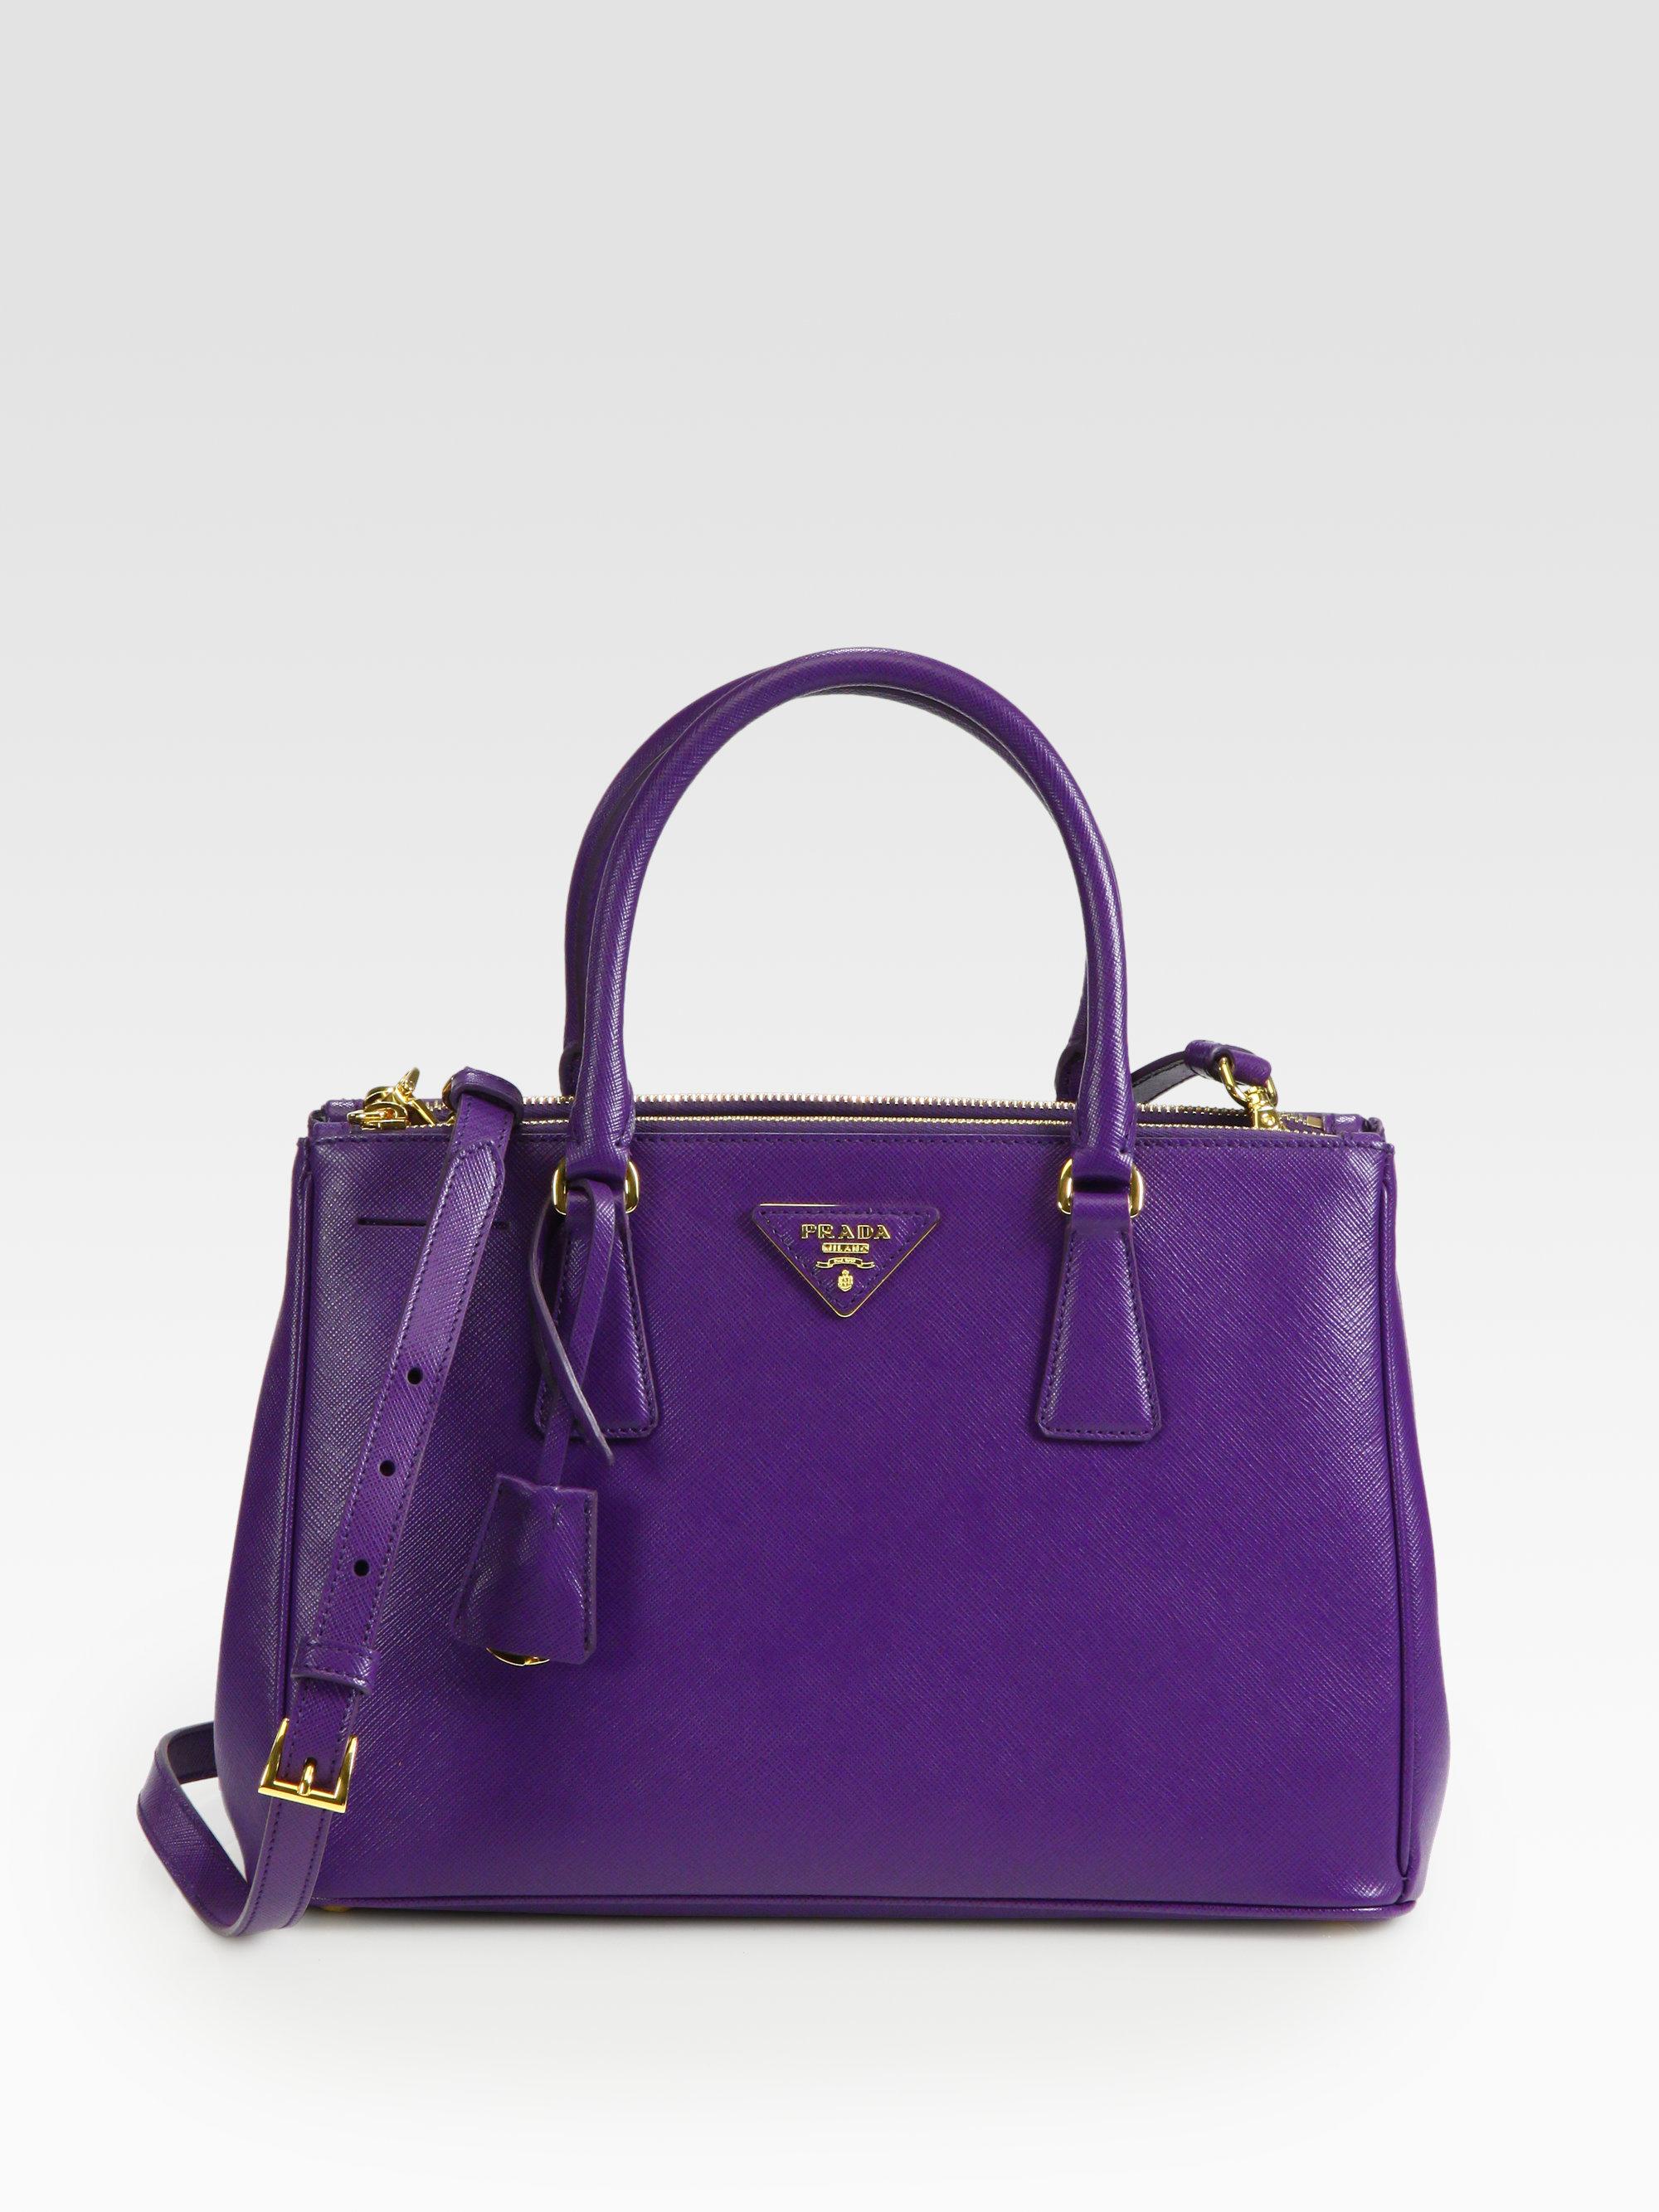 13876a9ffdbd ... closeout lyst prada saffiano lux small tote in purple fea8a c777b